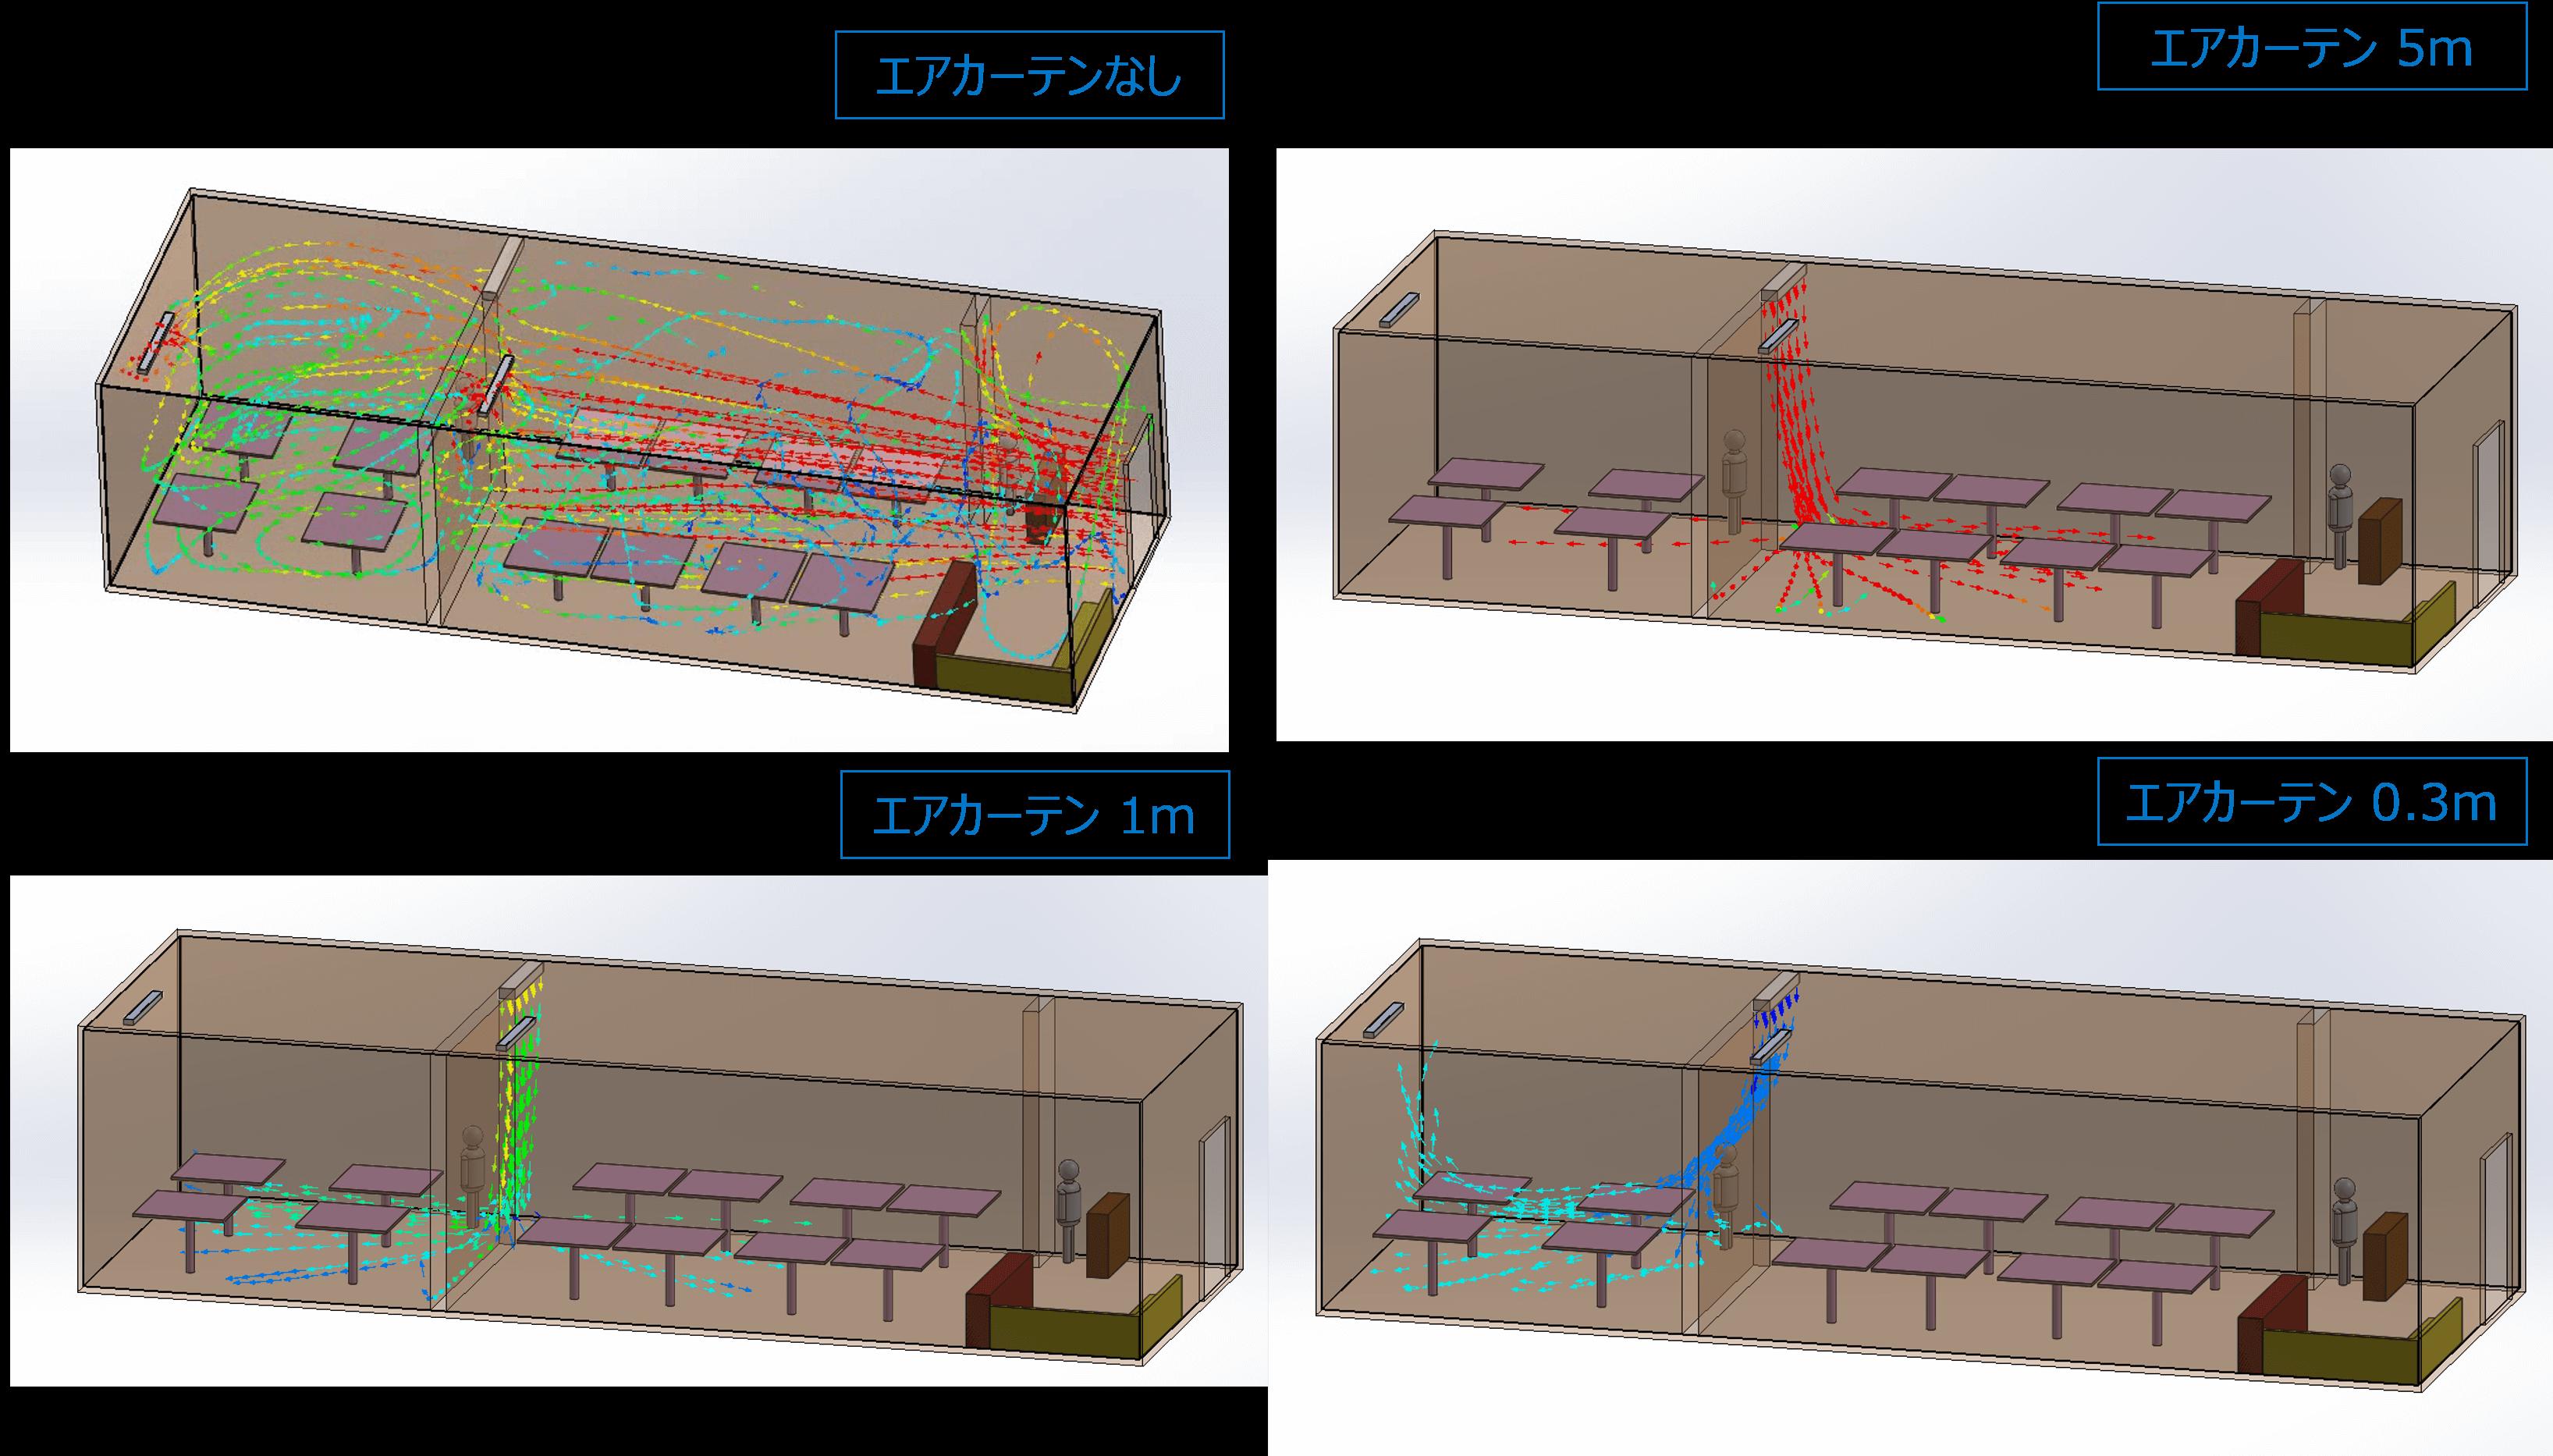 図:流れ結果 左上:カーテンなし、右上:エアカーテン5m 左下:エアカーテン1m、右下:エアカーテン0.3m